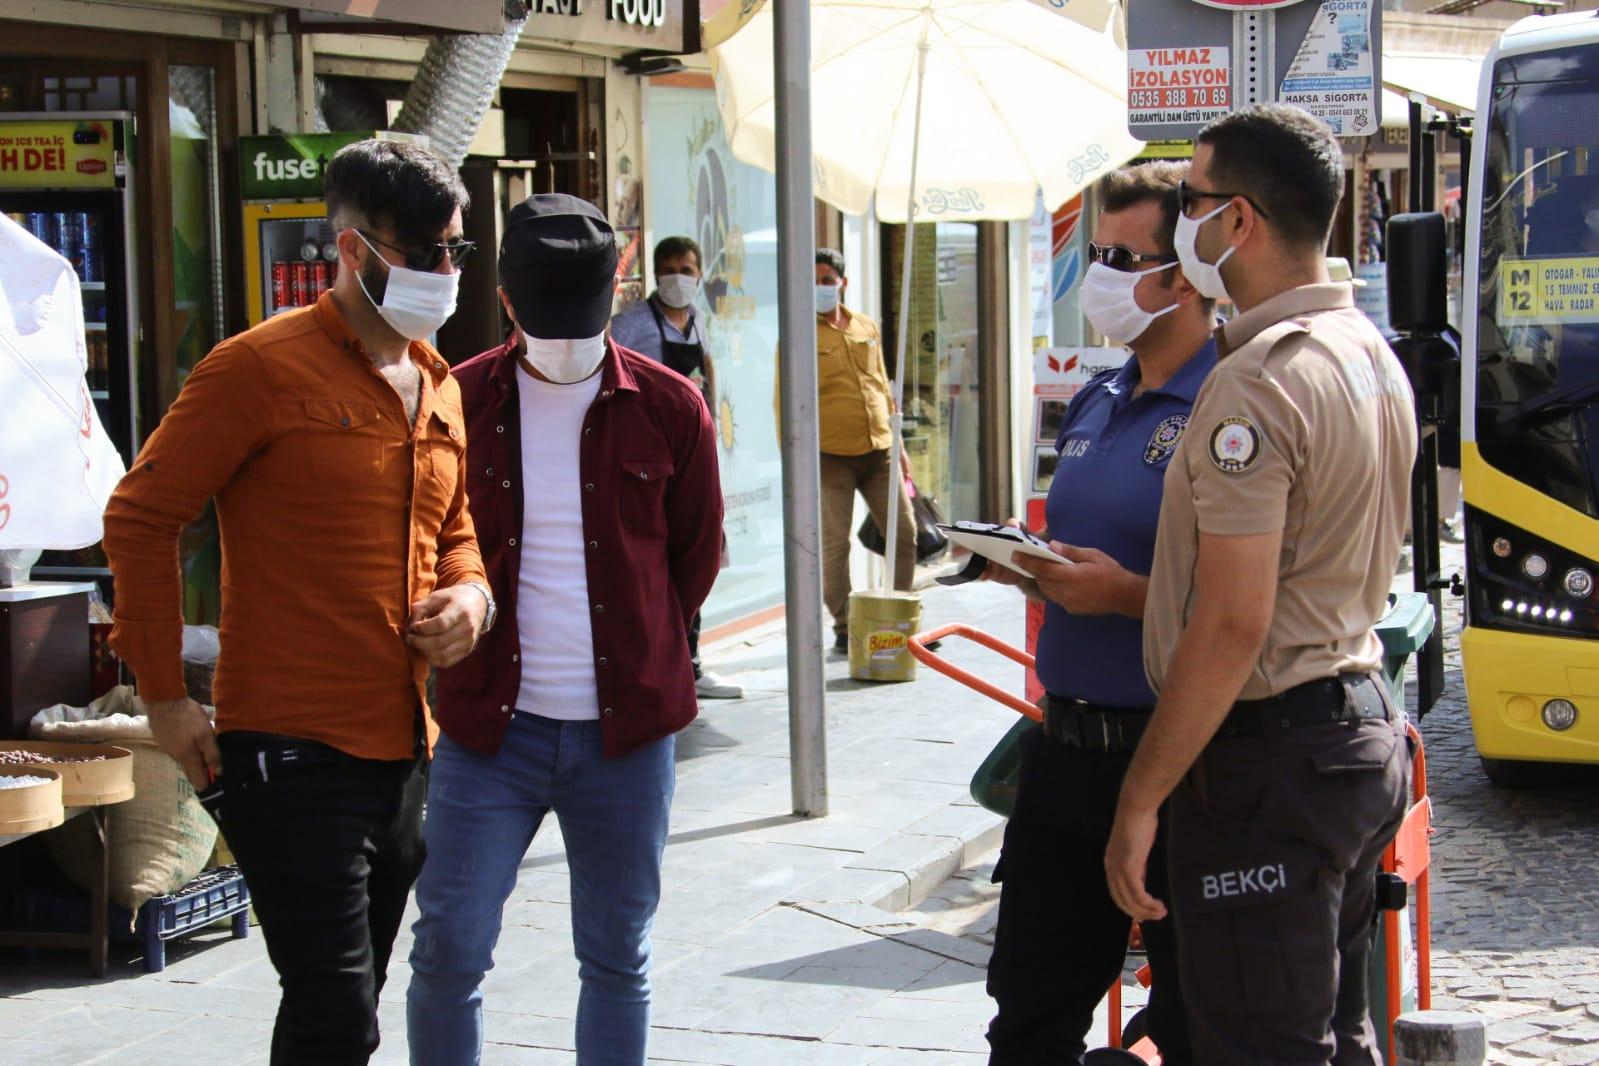 Mardin'de vatandaşlara sosyal mesafe ve maske uyarısı yapıldı